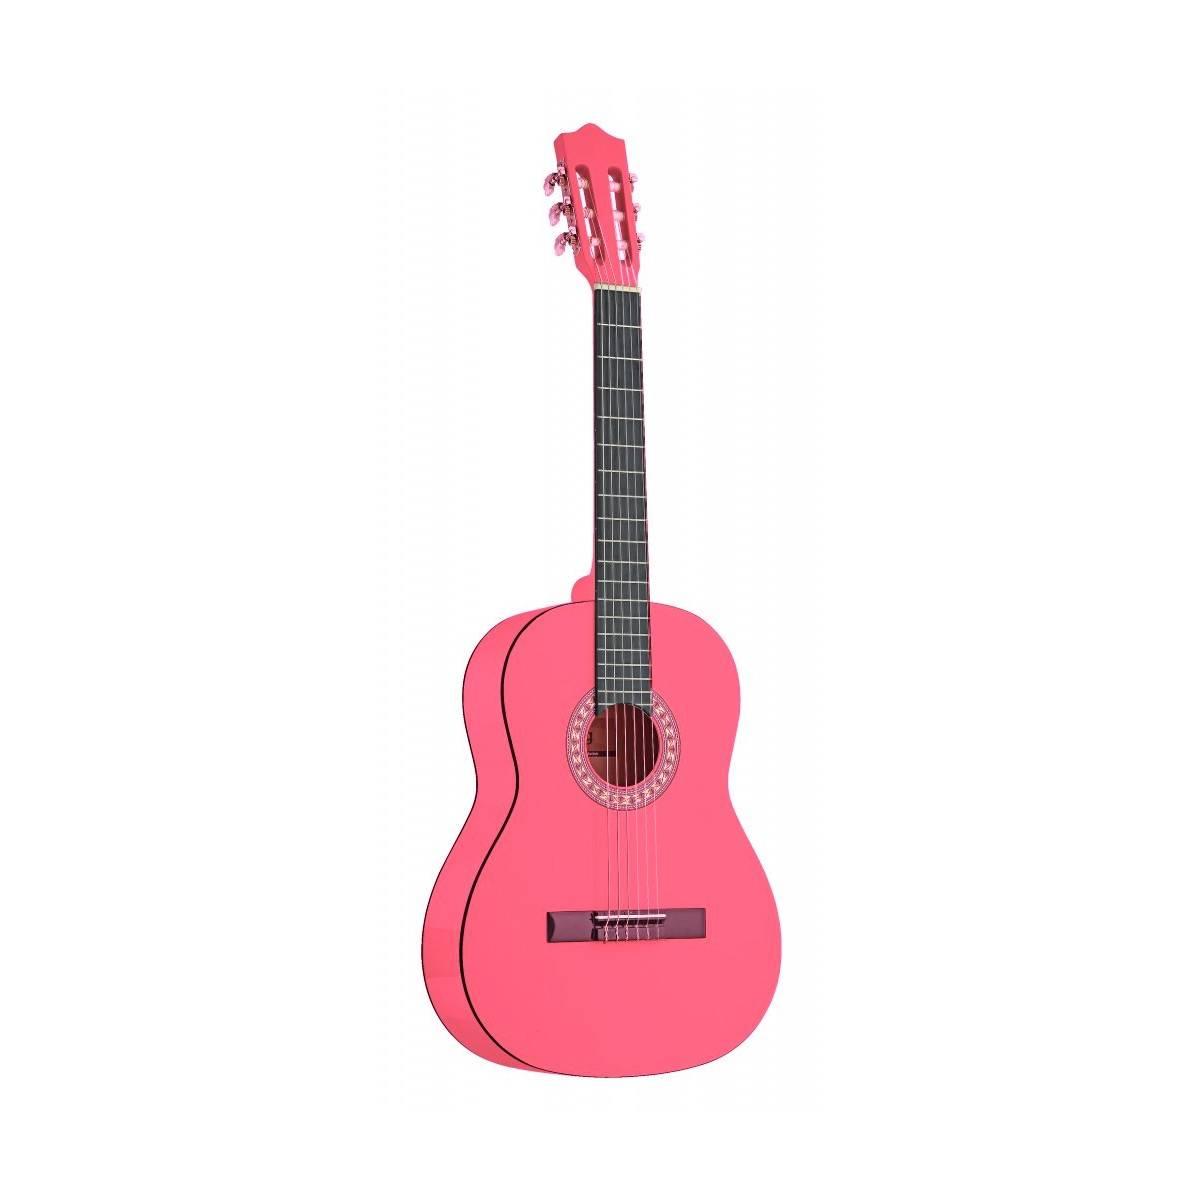 Guitare classique 3/4 Tilleul/Erable Rose